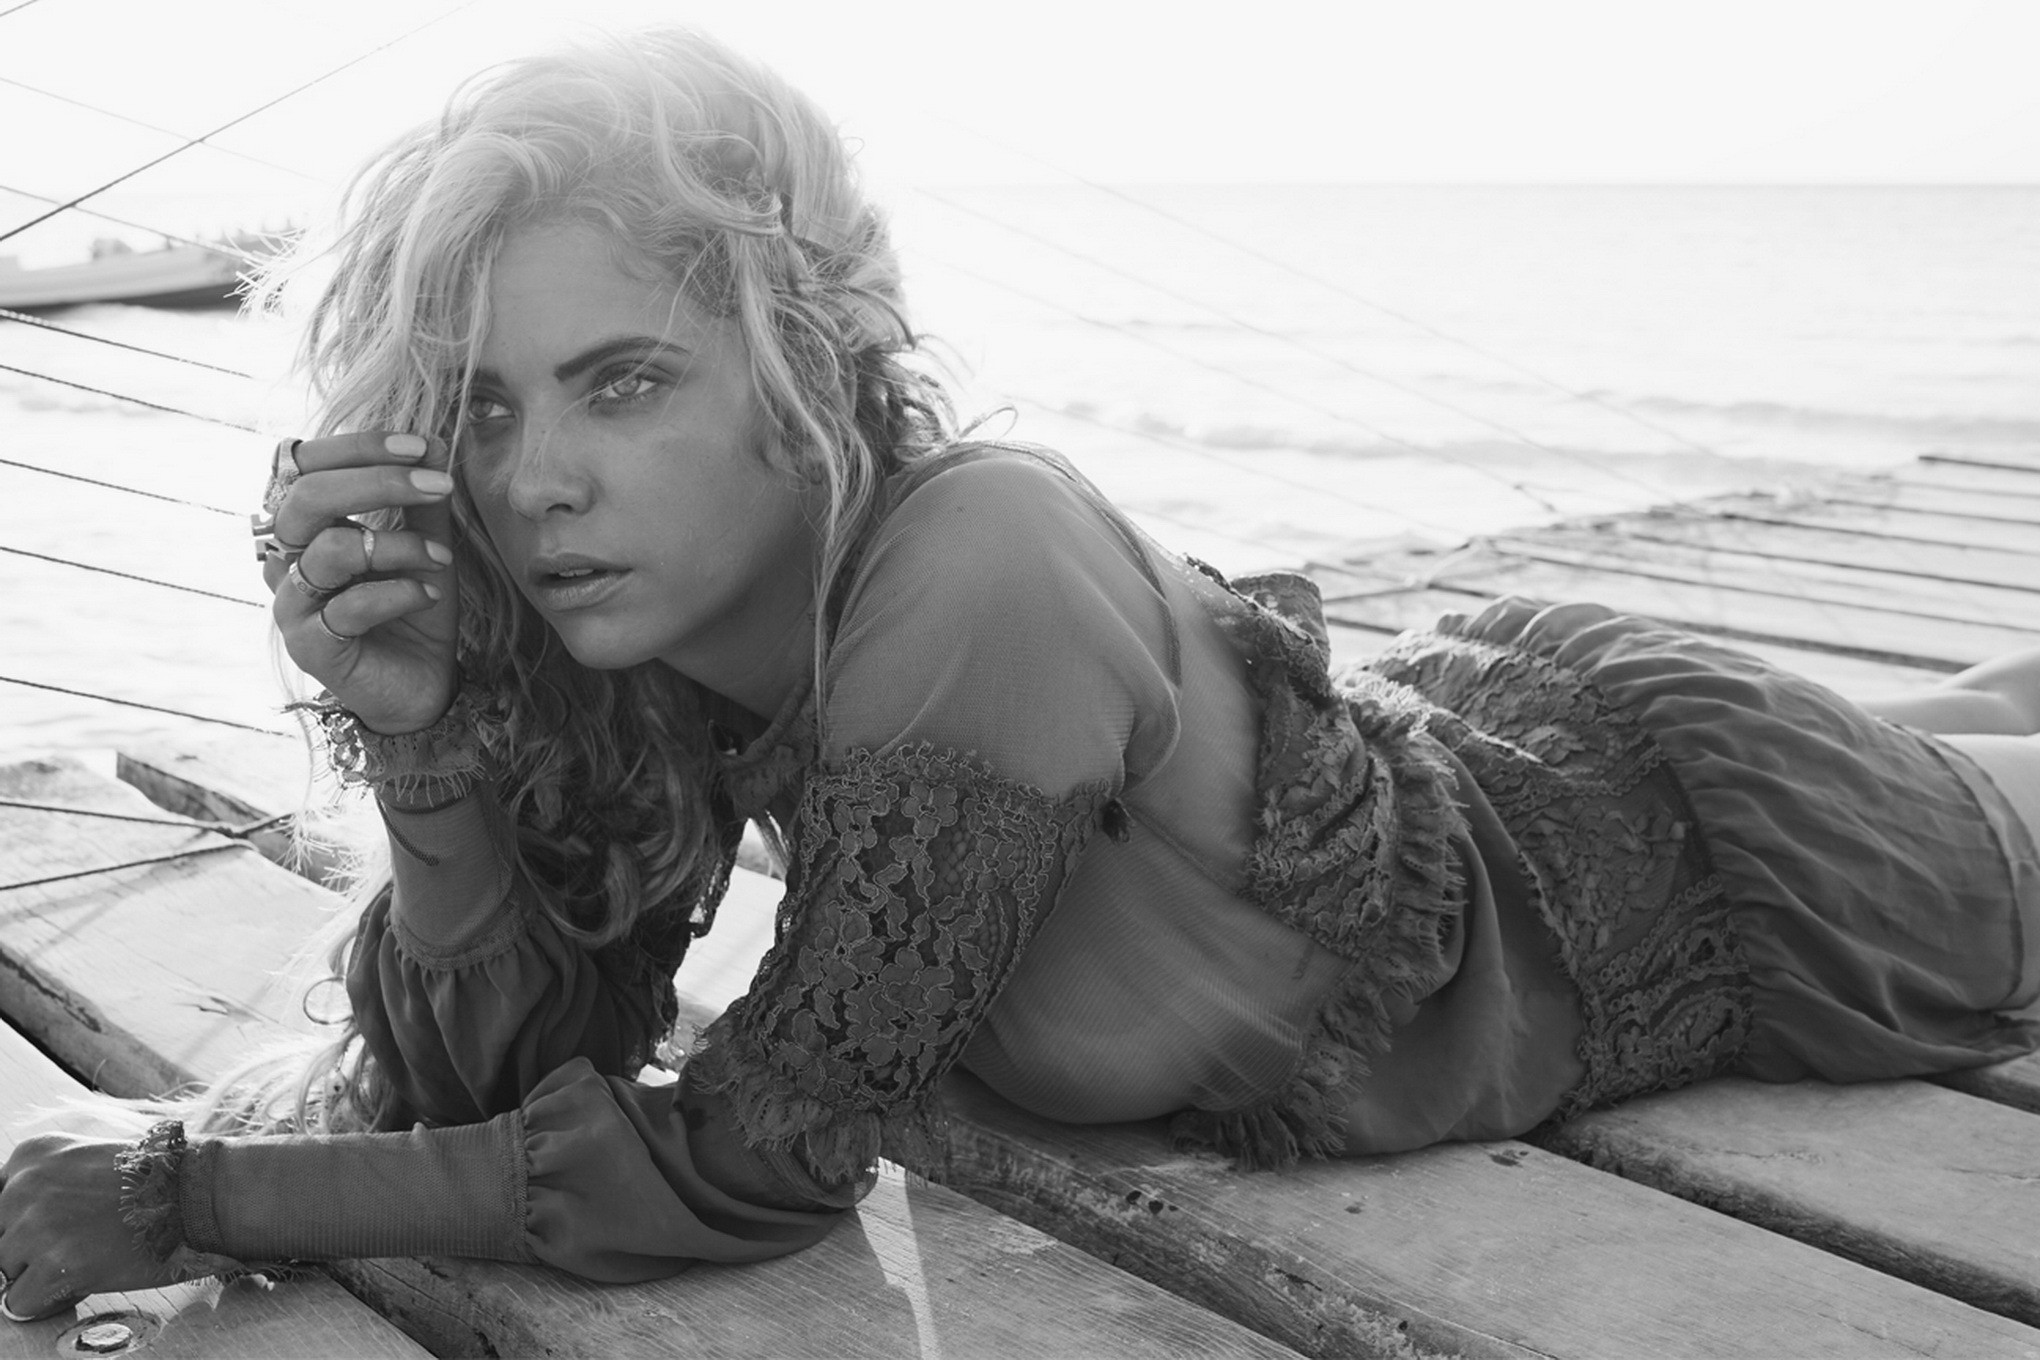 Эшли Бенсон просто обожает море, свежий морской воздух ее невероятно возбуждает